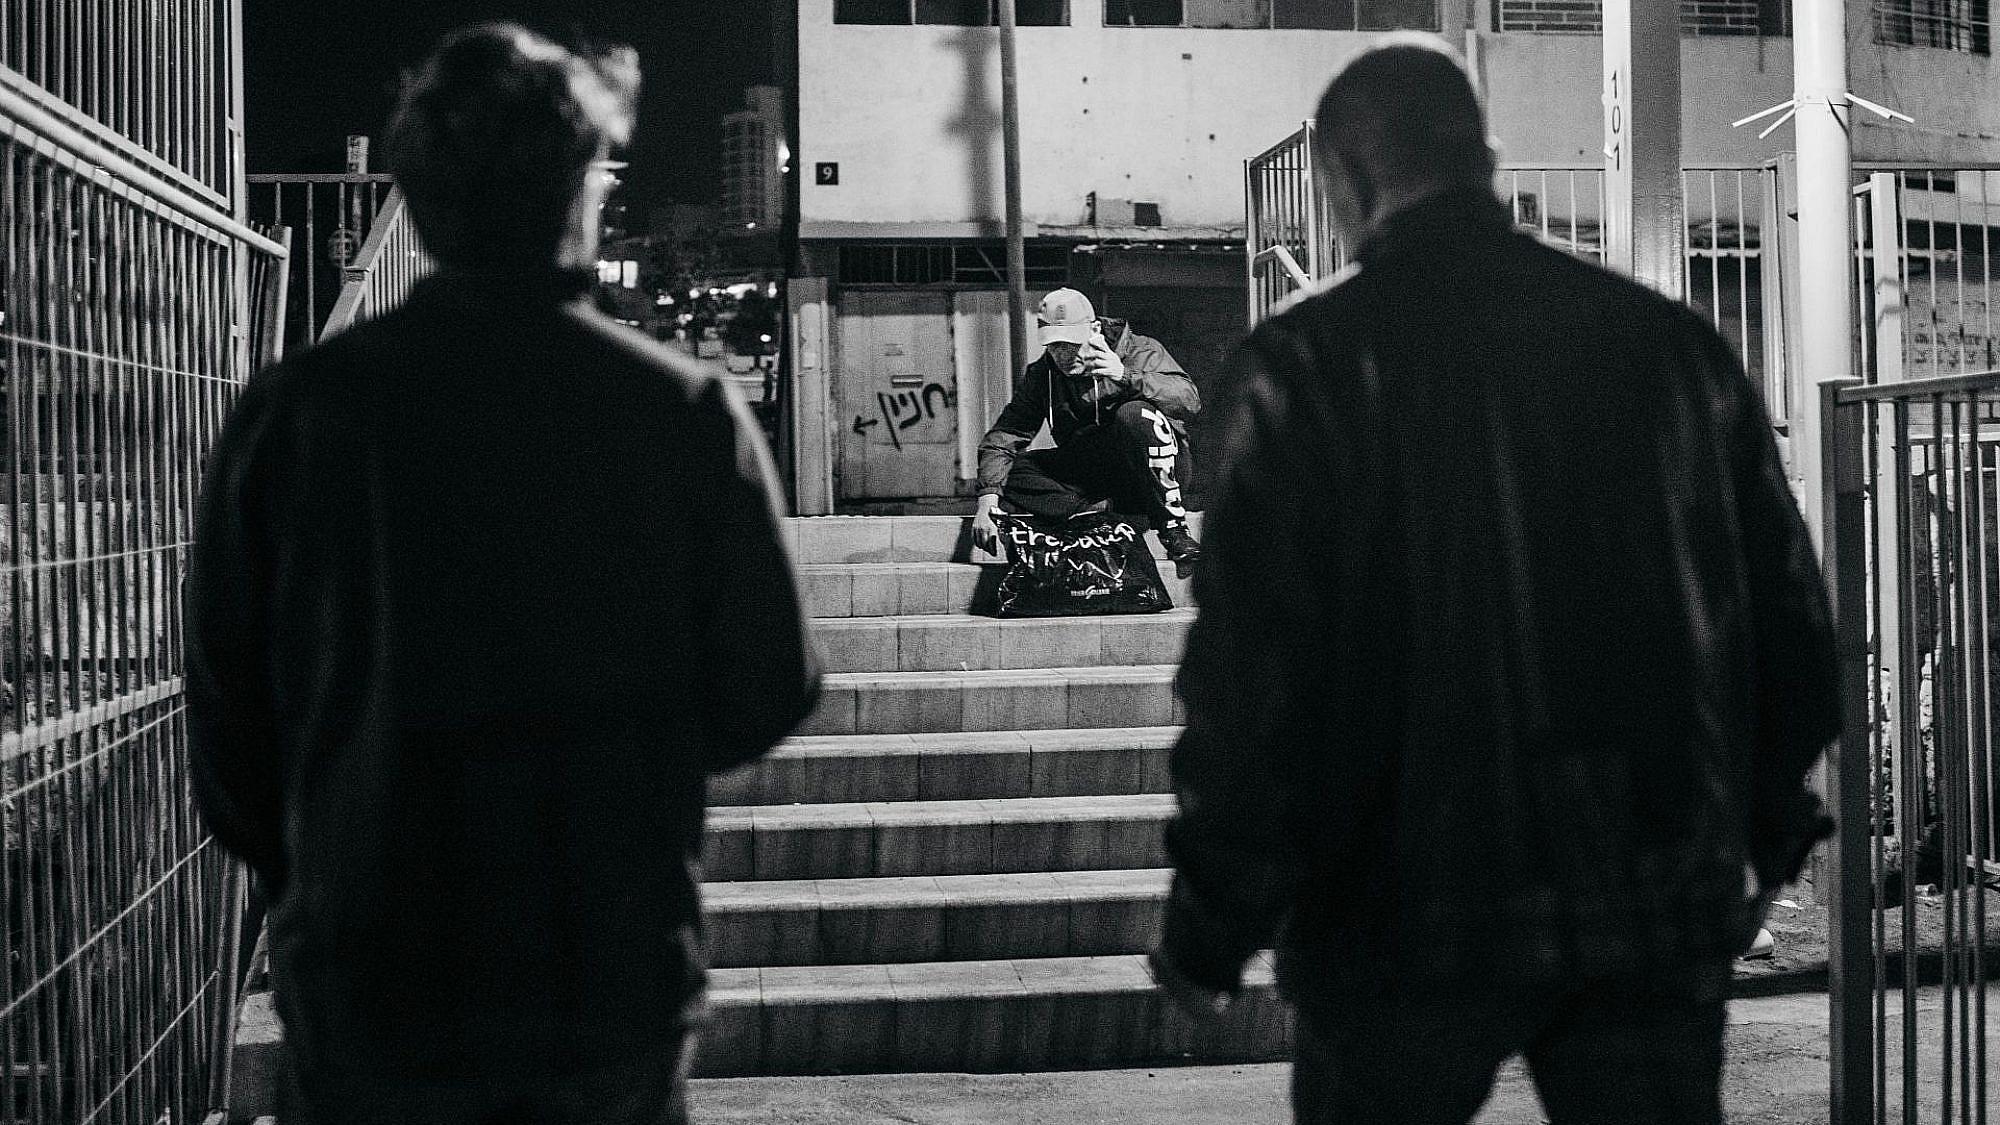 אבנר כבל בסיור (צילום: תמיר דוידוב)